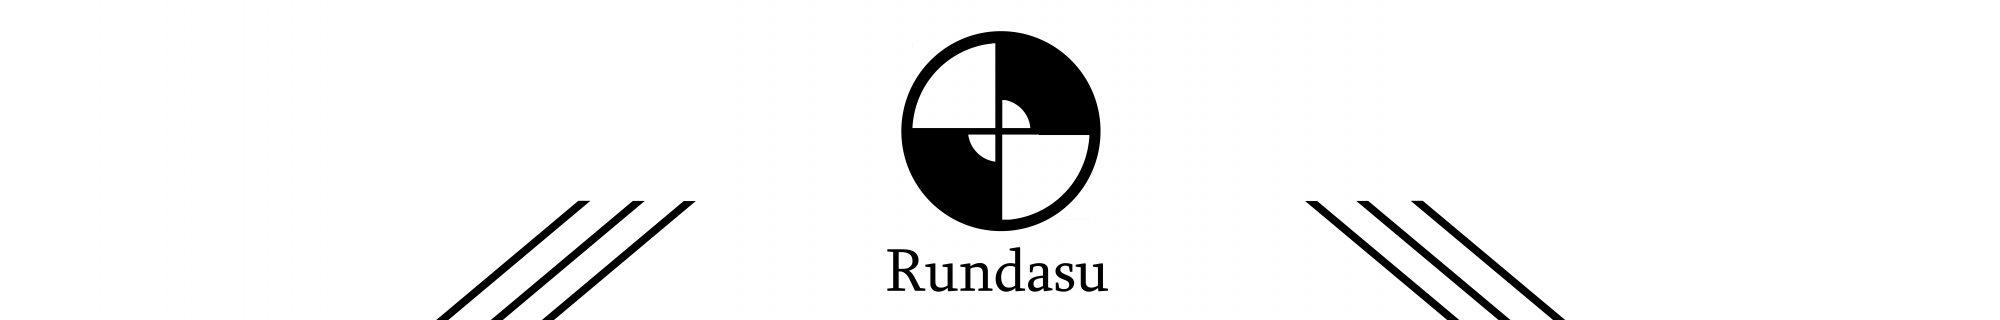 Rundasu – Kurzgeschichten, Meinungen, Philosphie